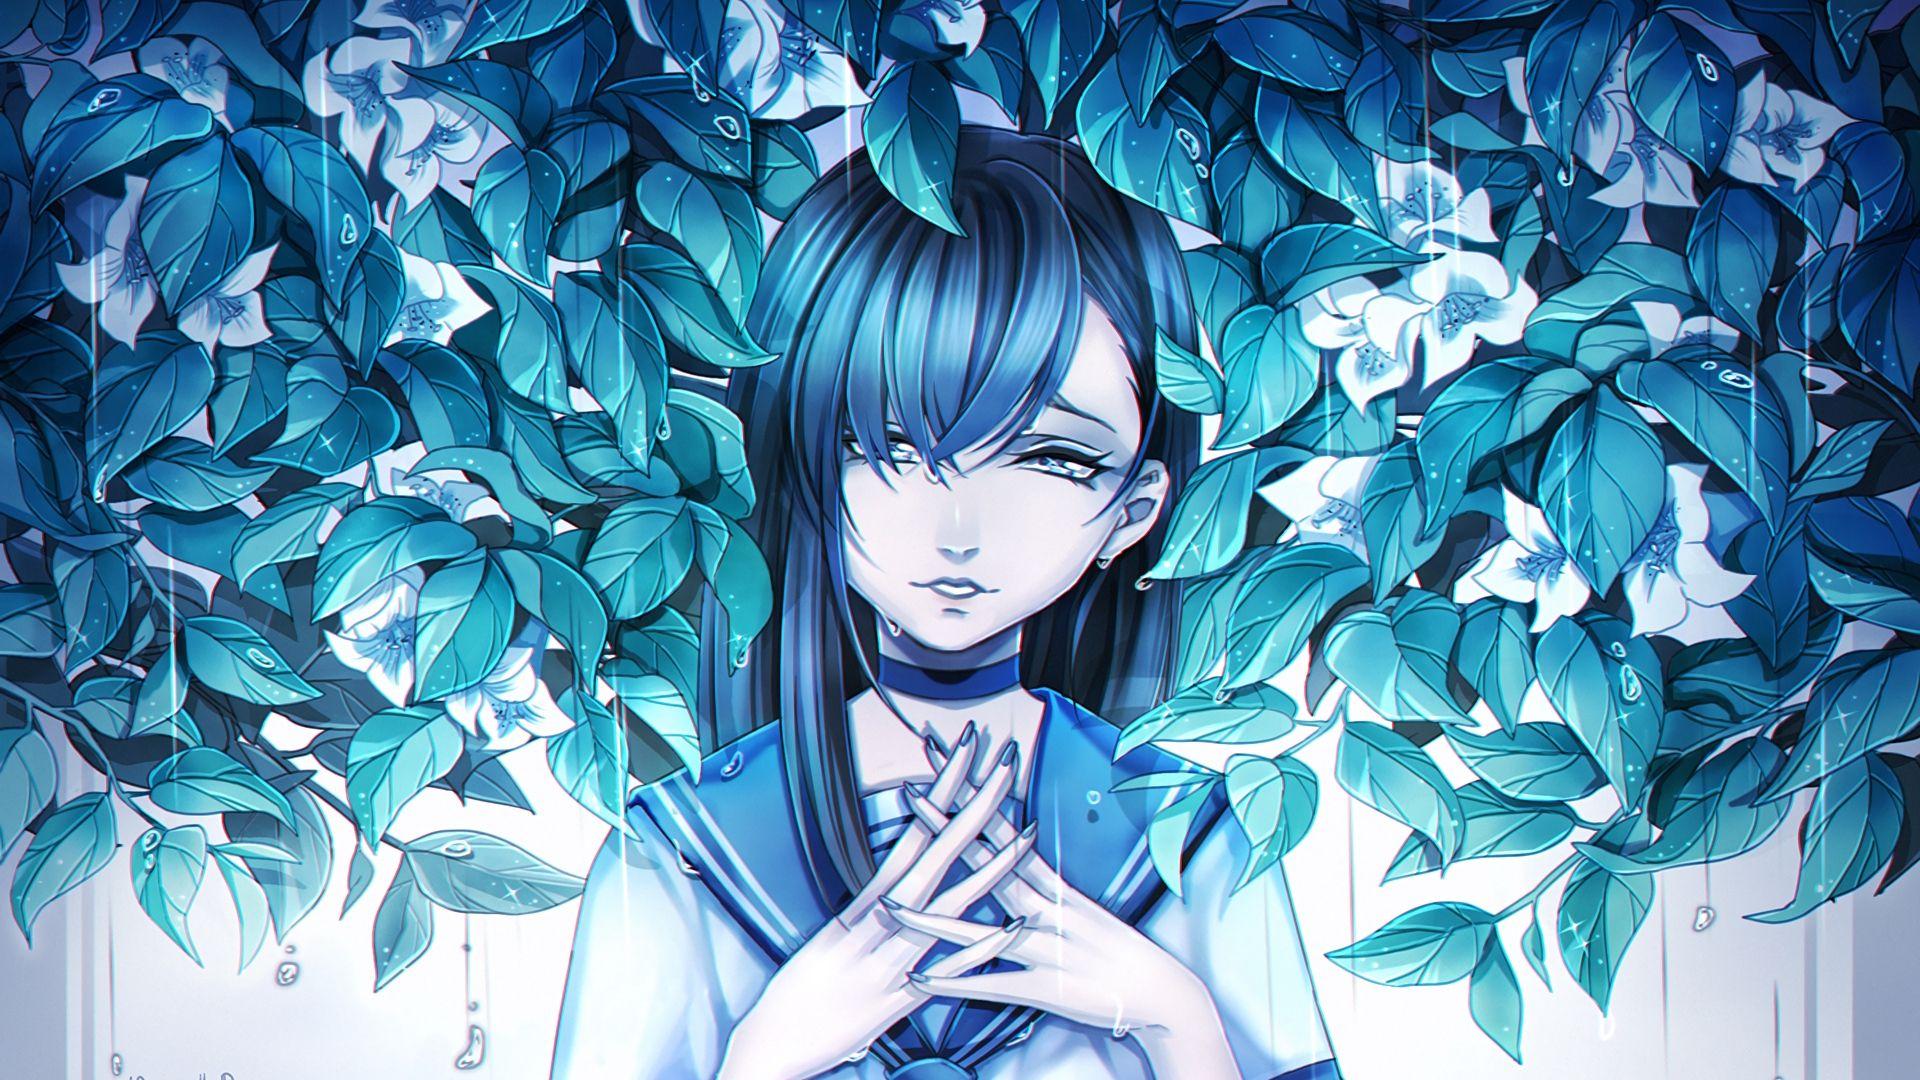 1920x1080 Wallpaper Girl Anime Sadness Leaves Art Anime Art Beautiful Art Wallpaper Leaf Art Emo anime wallpaper for laptop